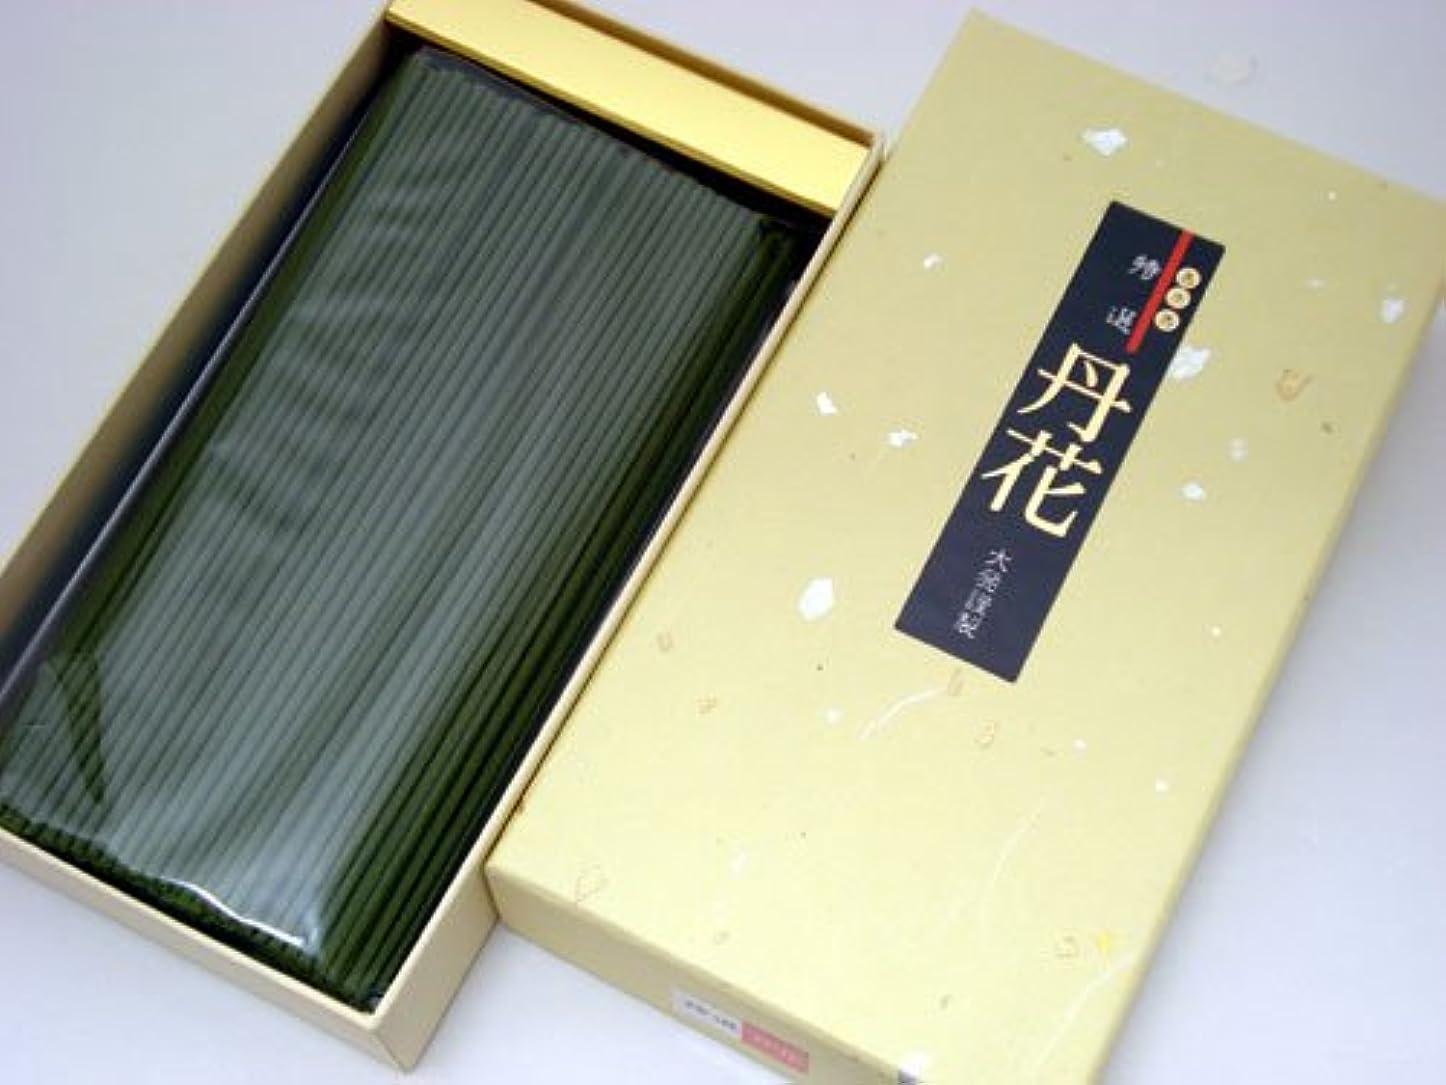 肉屋鈍いセンチメートル大発の香水線香  【特選丹花(とくせんたんか)】 バラ詰大箱